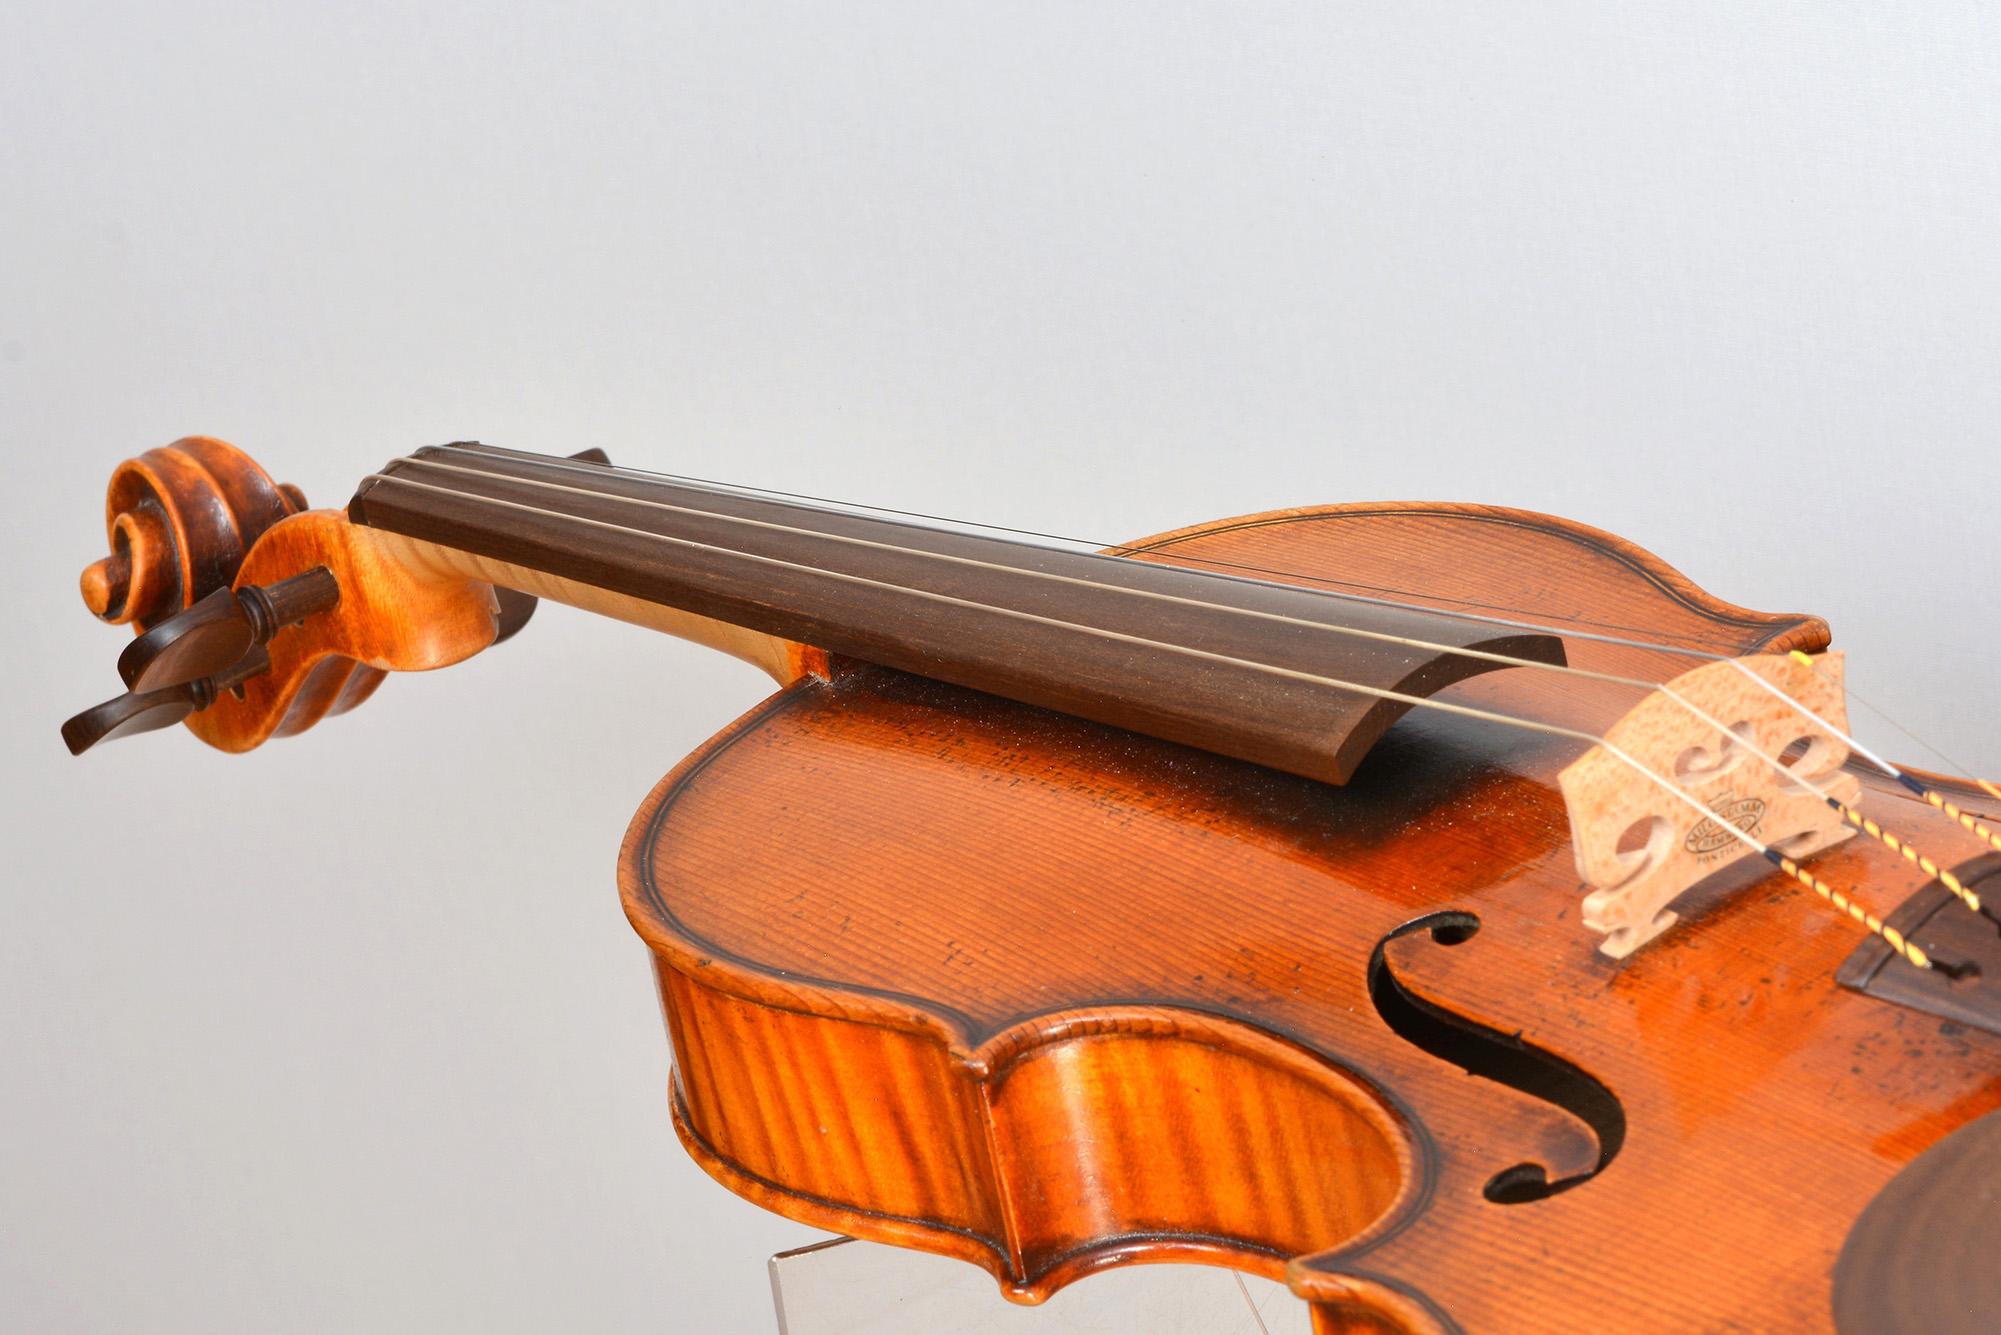 Fingerboard from Sonowood maple made by Wilhelm Geigenbau